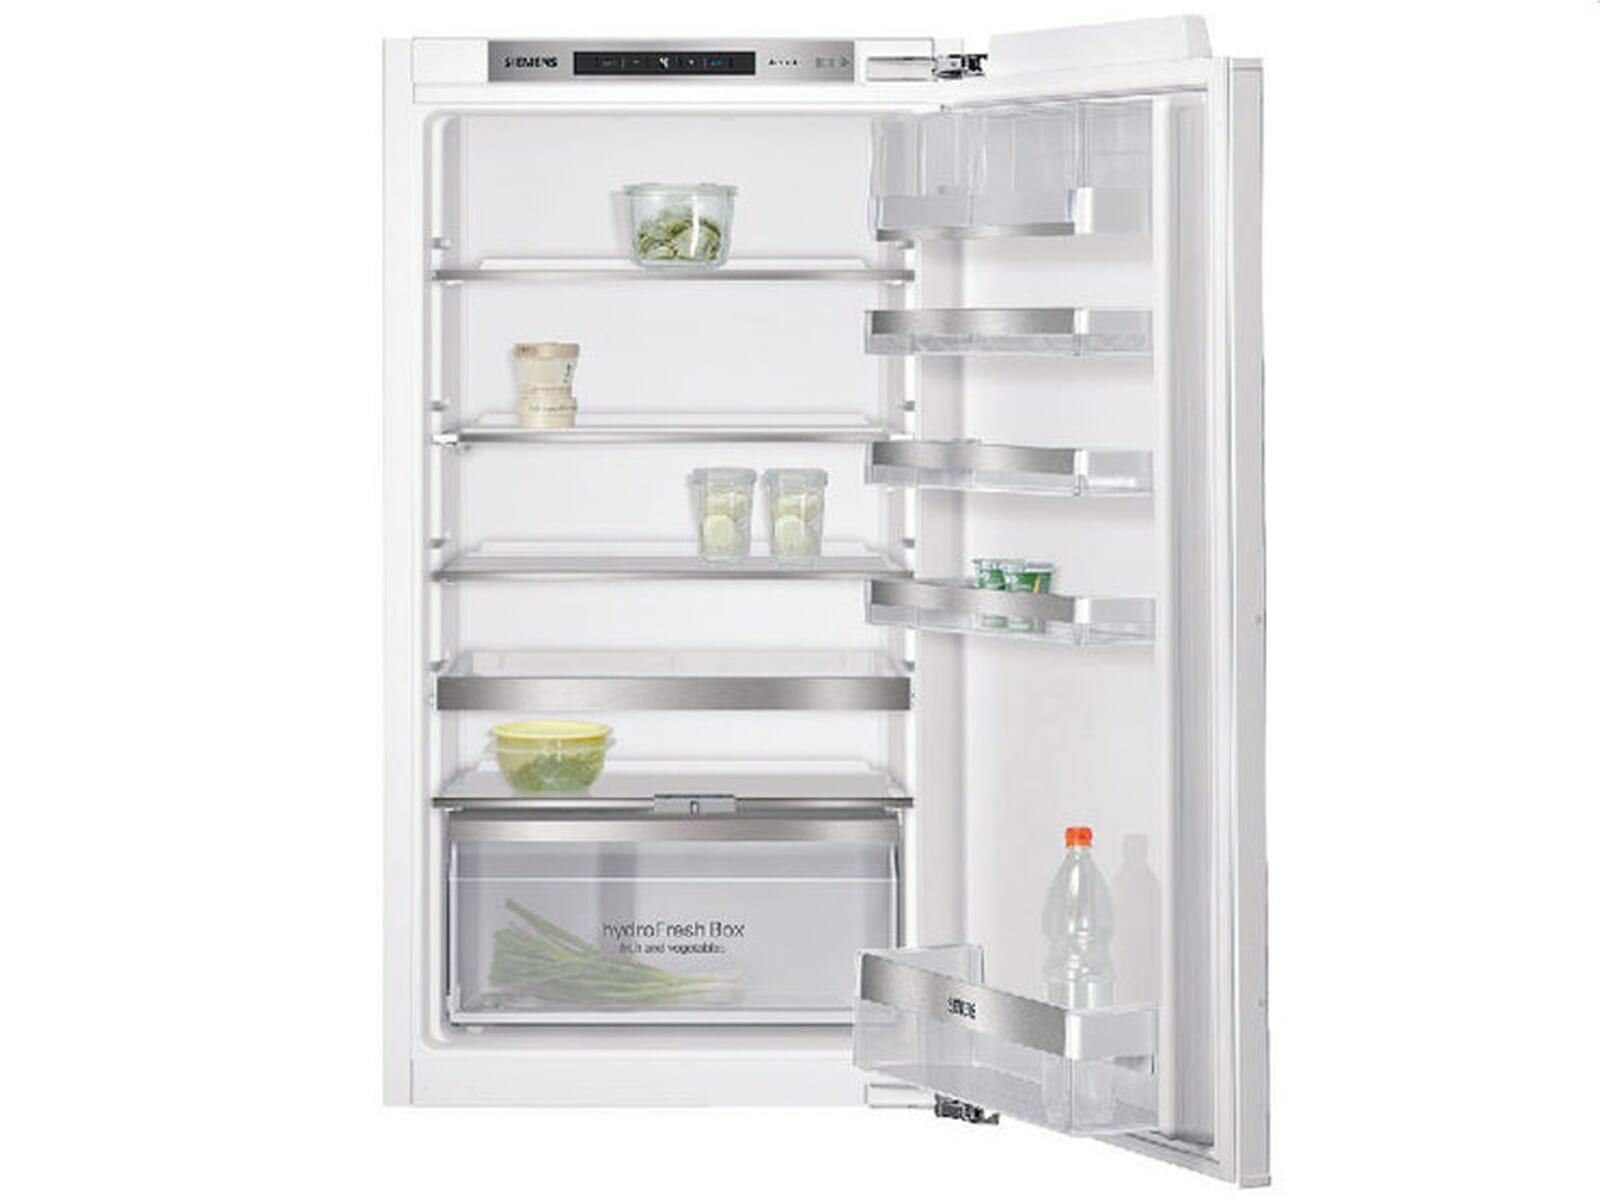 Siemens Kühlschrank Vitafresh : Einbaukühlschr nke von siemens küchen ideen